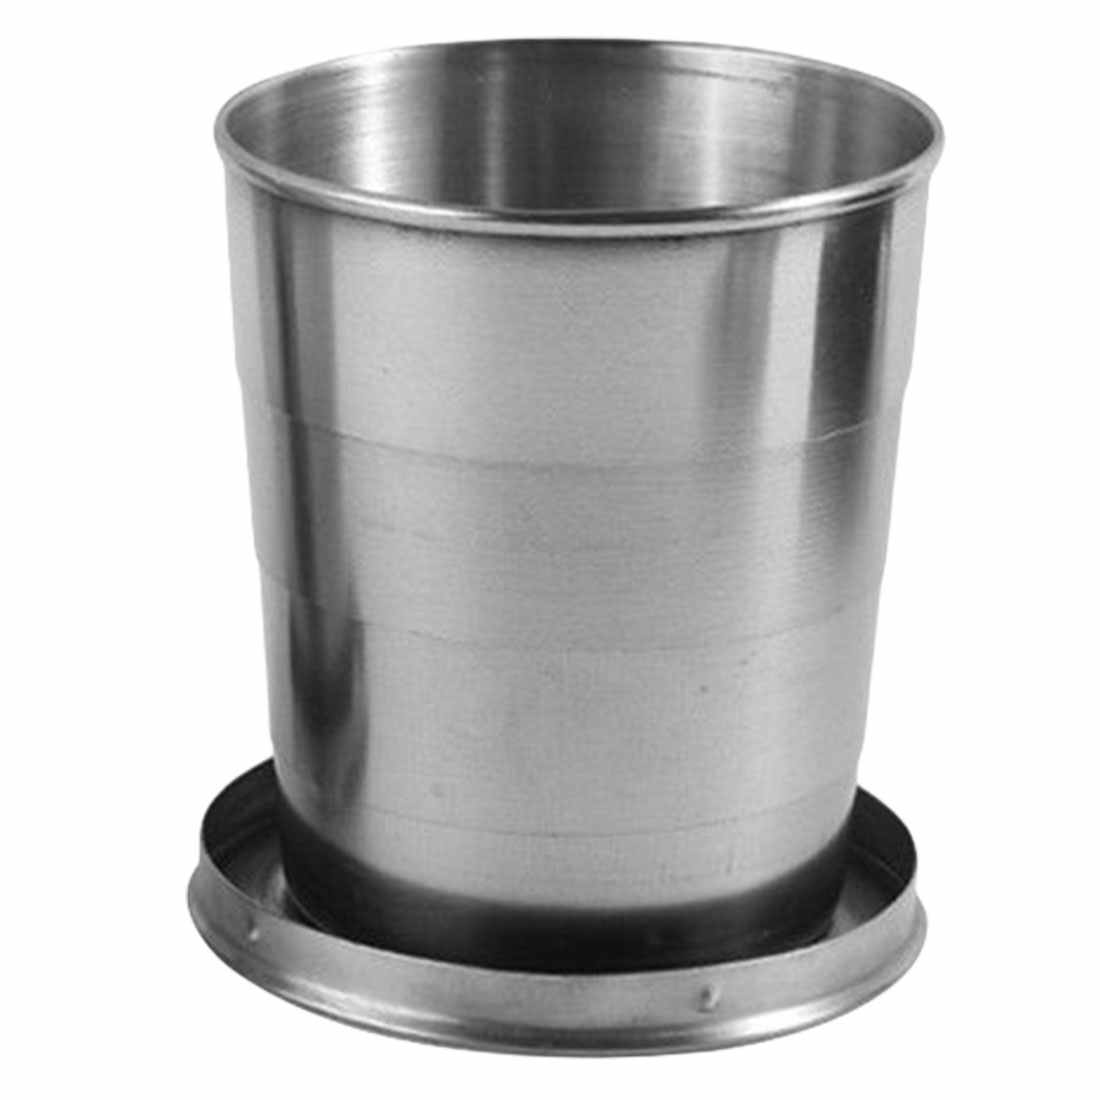 Do agregado familiar 60ml 150ml 250ml de aço inoxidável acampamento dobrável copo copo desmontável de viagem ao ar livre portátil com chaveiro